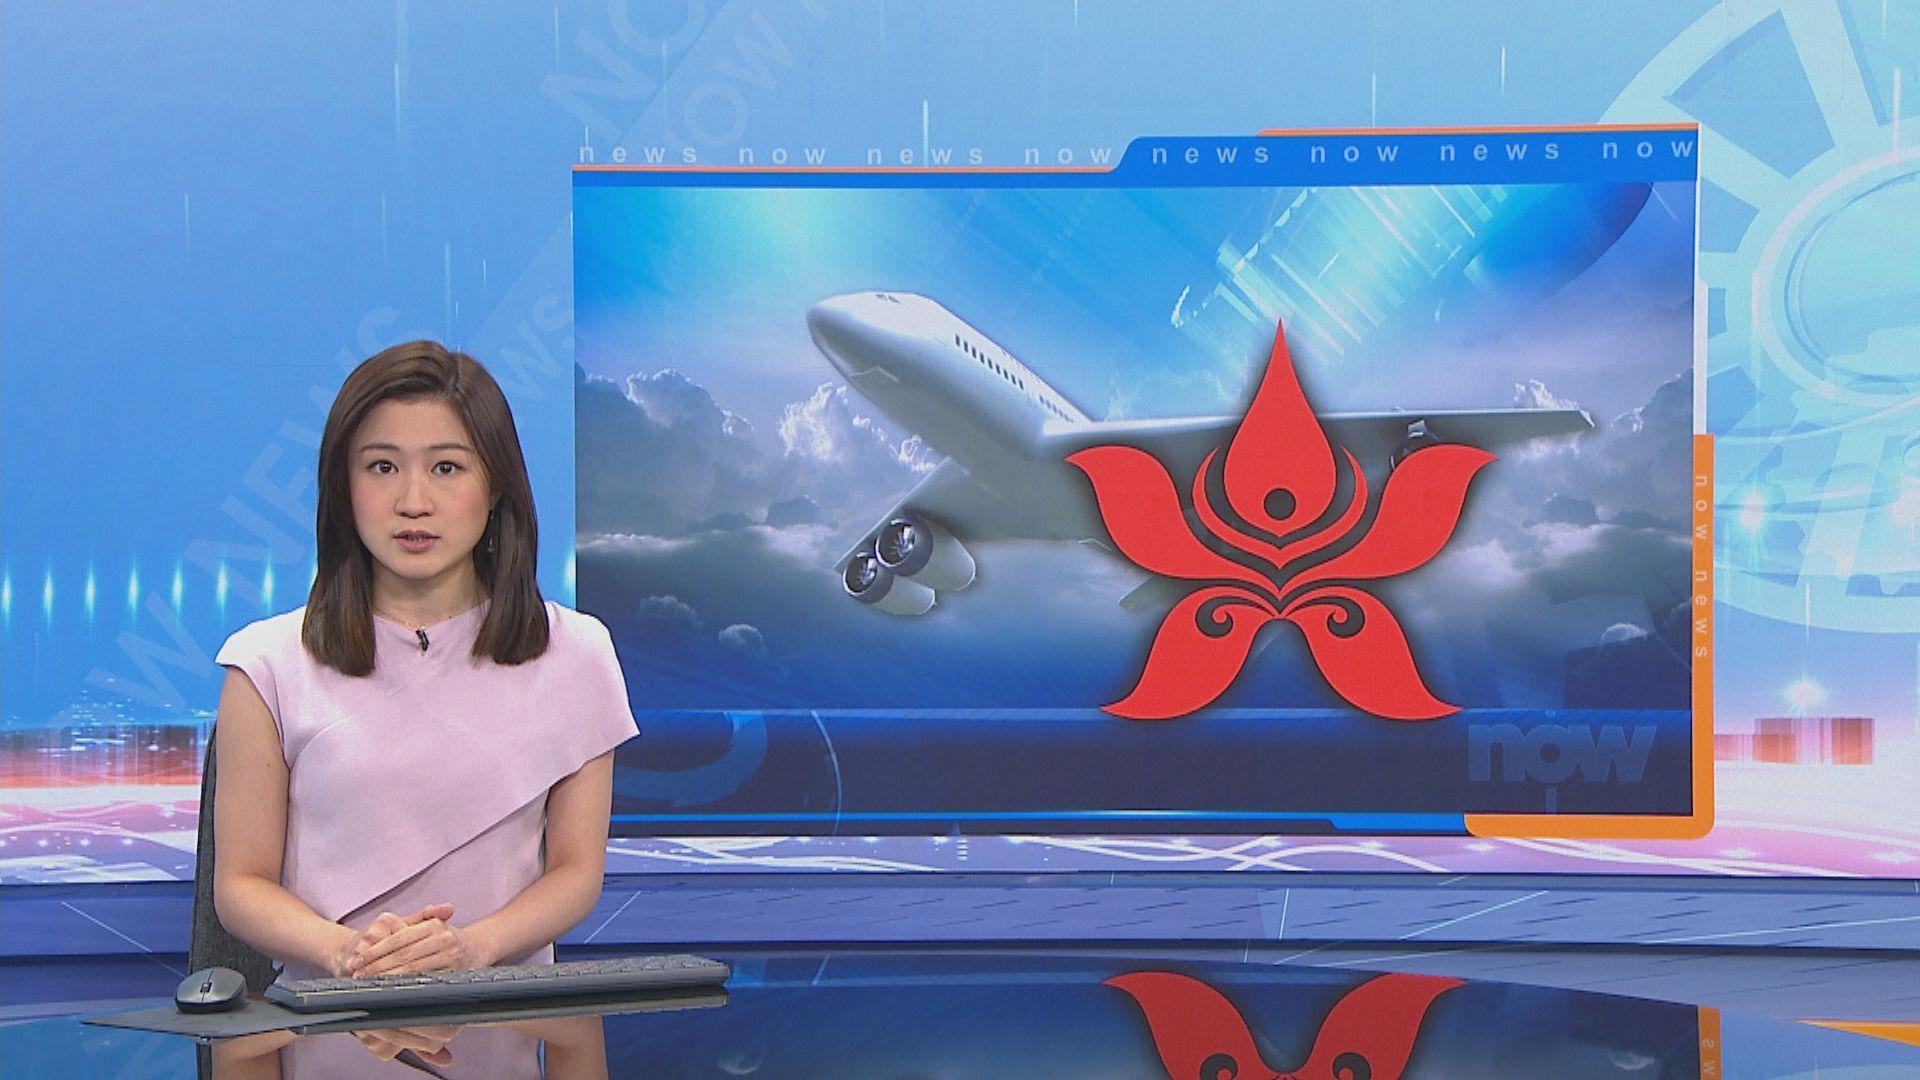 香港航空證實要內部重組精簡架構 稍後公布詳情